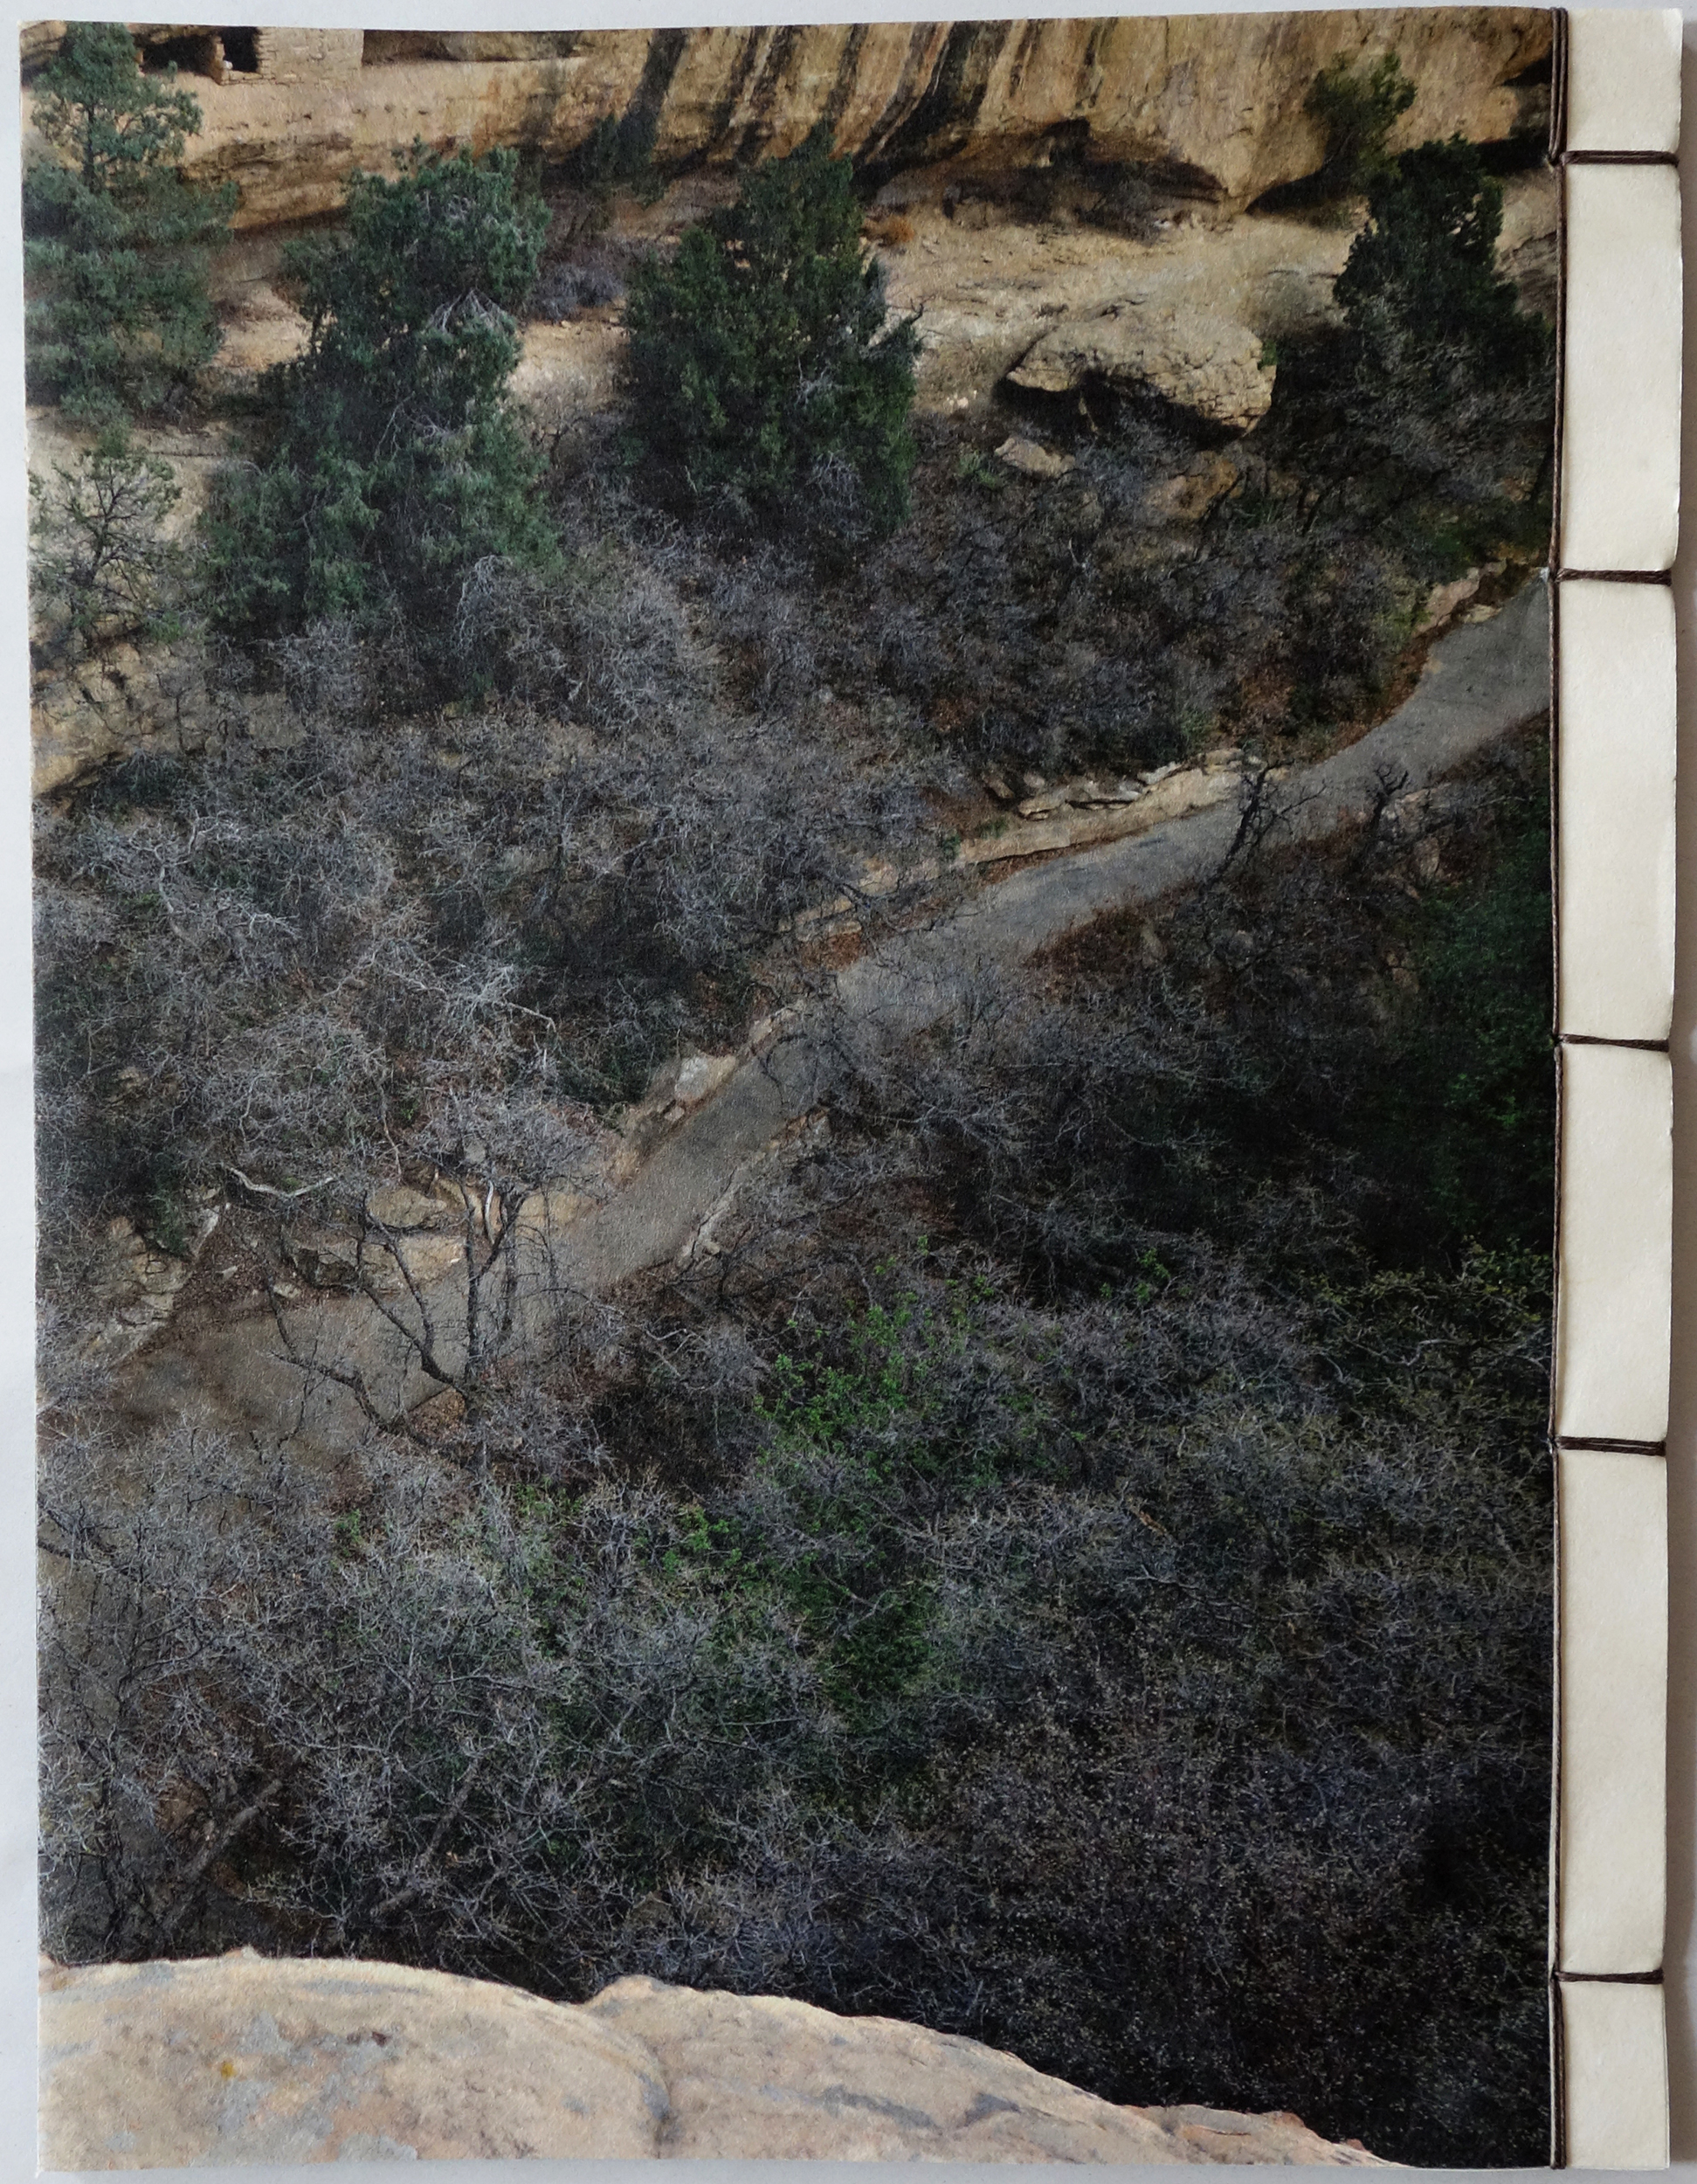 Mesa Verde Back Cover web.jpg